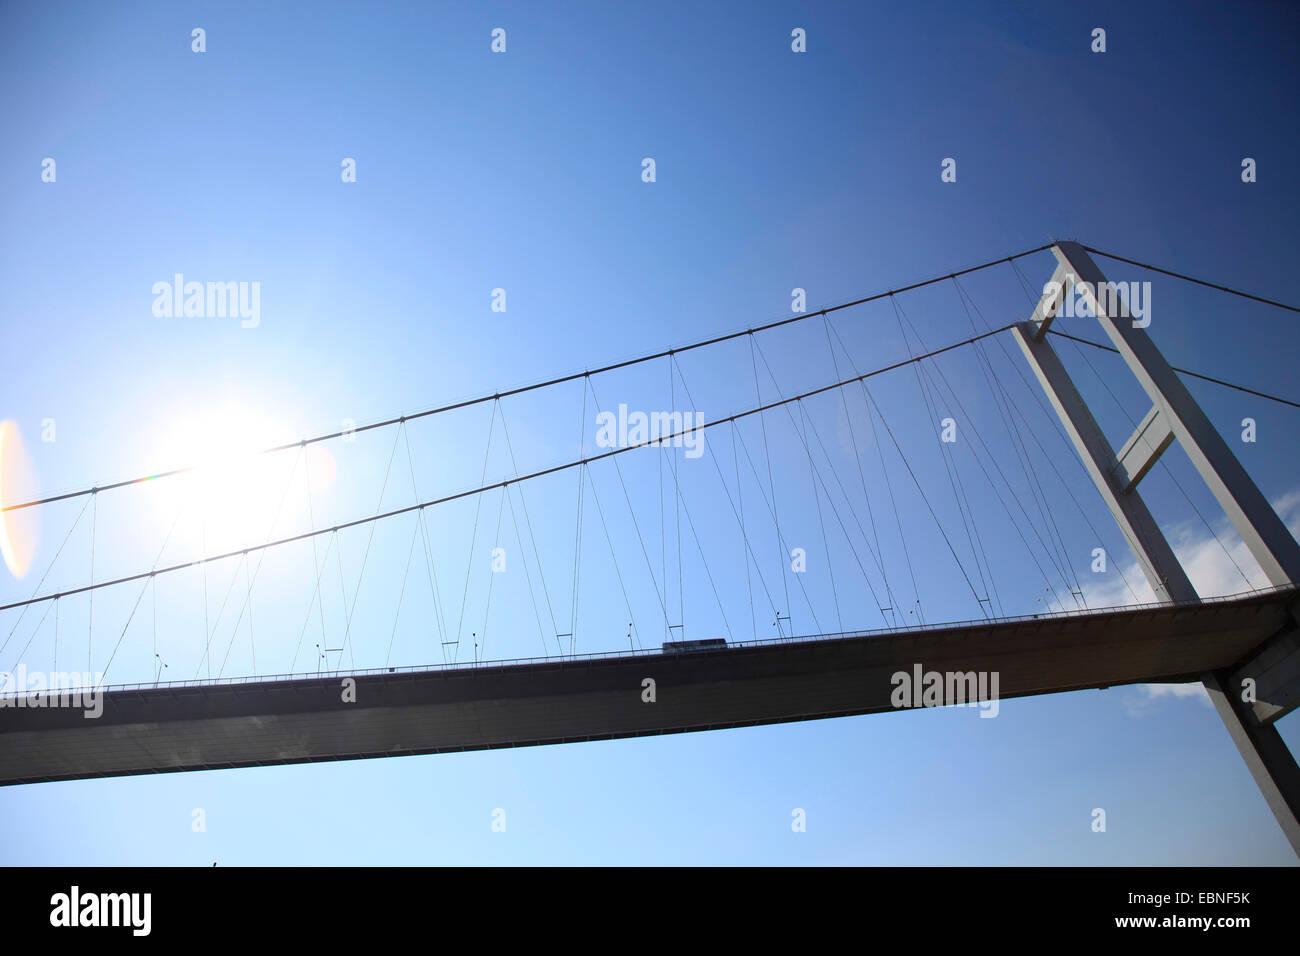 Bosporus-Brücke, Verbindung zwischen Asien und Europa, Türkei, Istanbul Stockbild